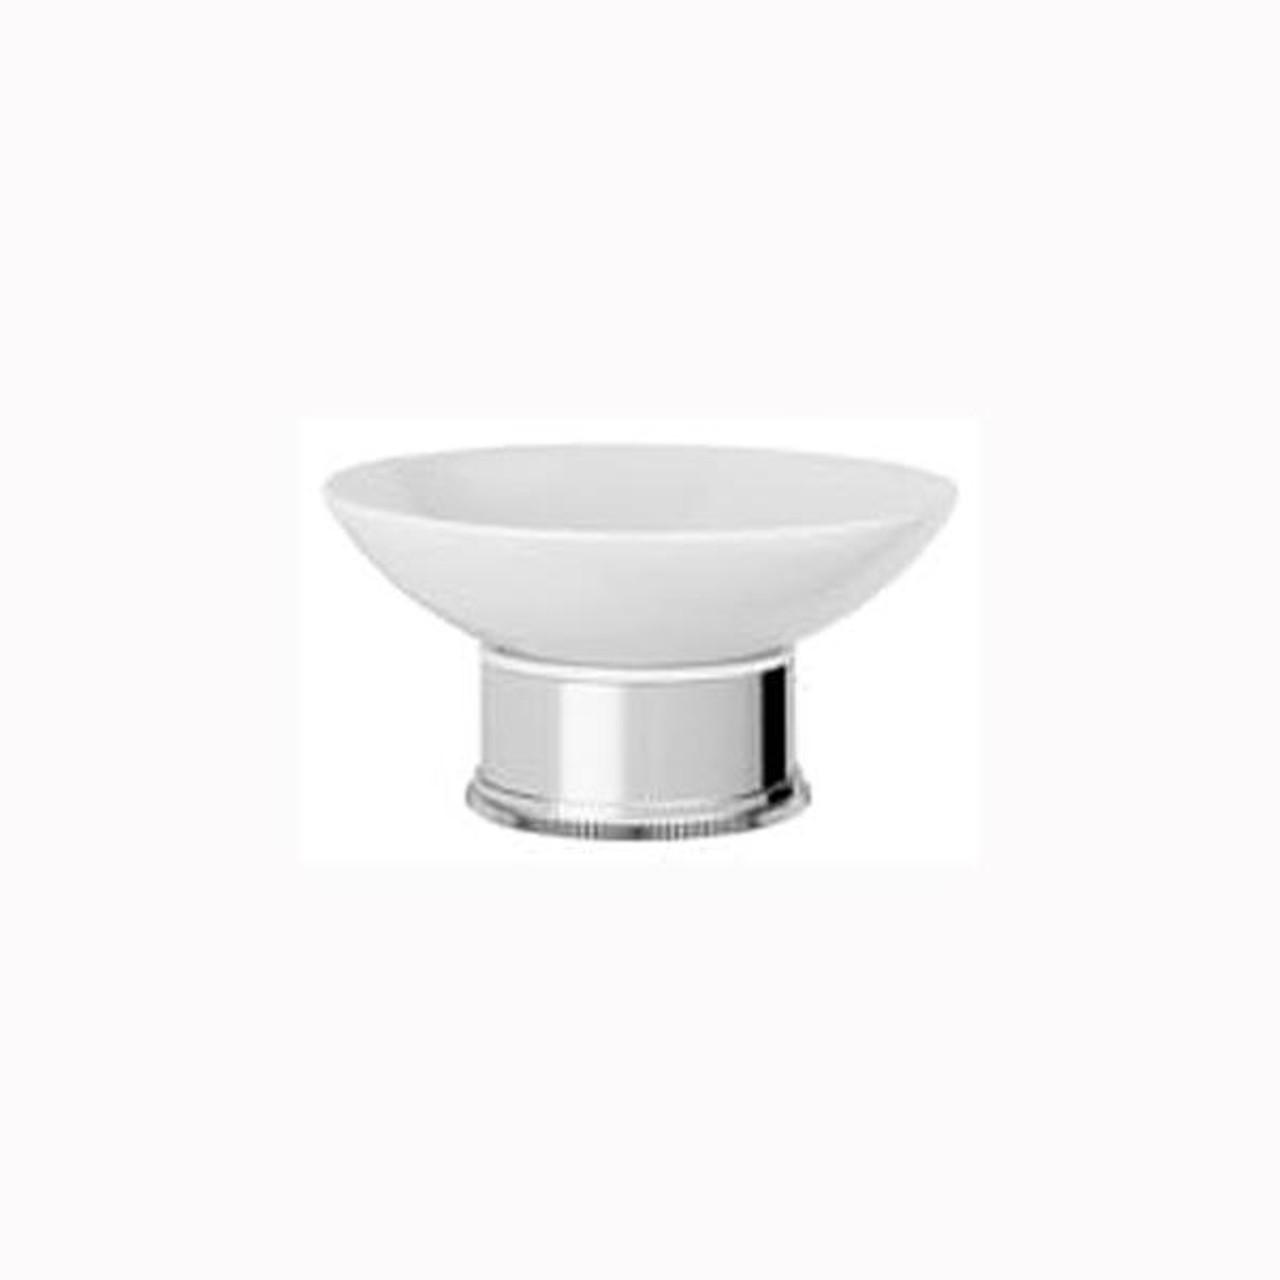 Chrome Plated Samuel Heath Style Moderne Freestanding White Ceramic Soap Holder N6664W